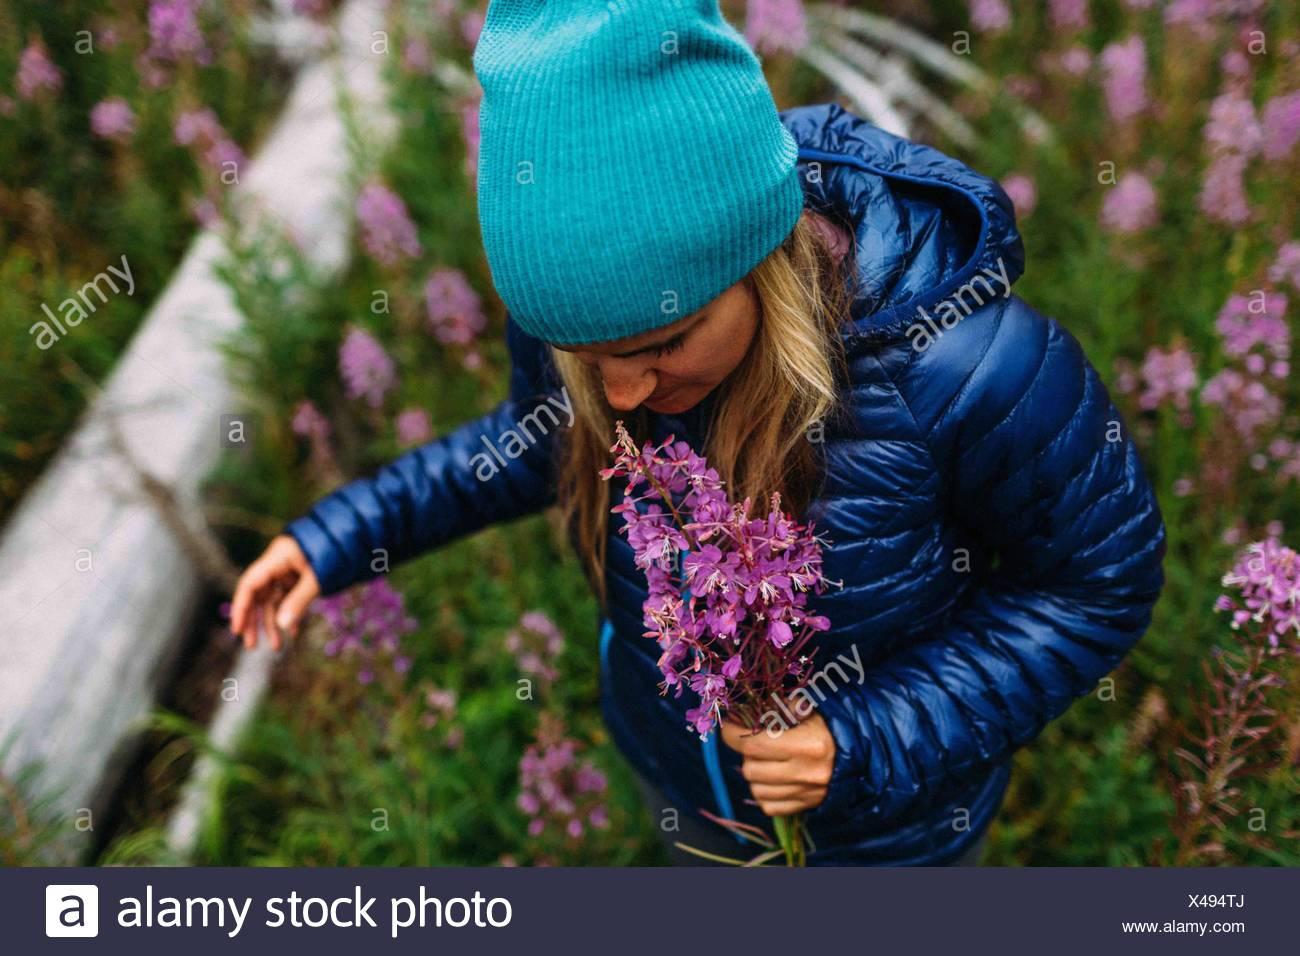 Un alto ángulo de visualización mediados mujer adulta vistiendo capa acolchada knit hat sosteniendo flores silvestres lago Moraine Parque Nacional Banff Alberta Canada Imagen De Stock